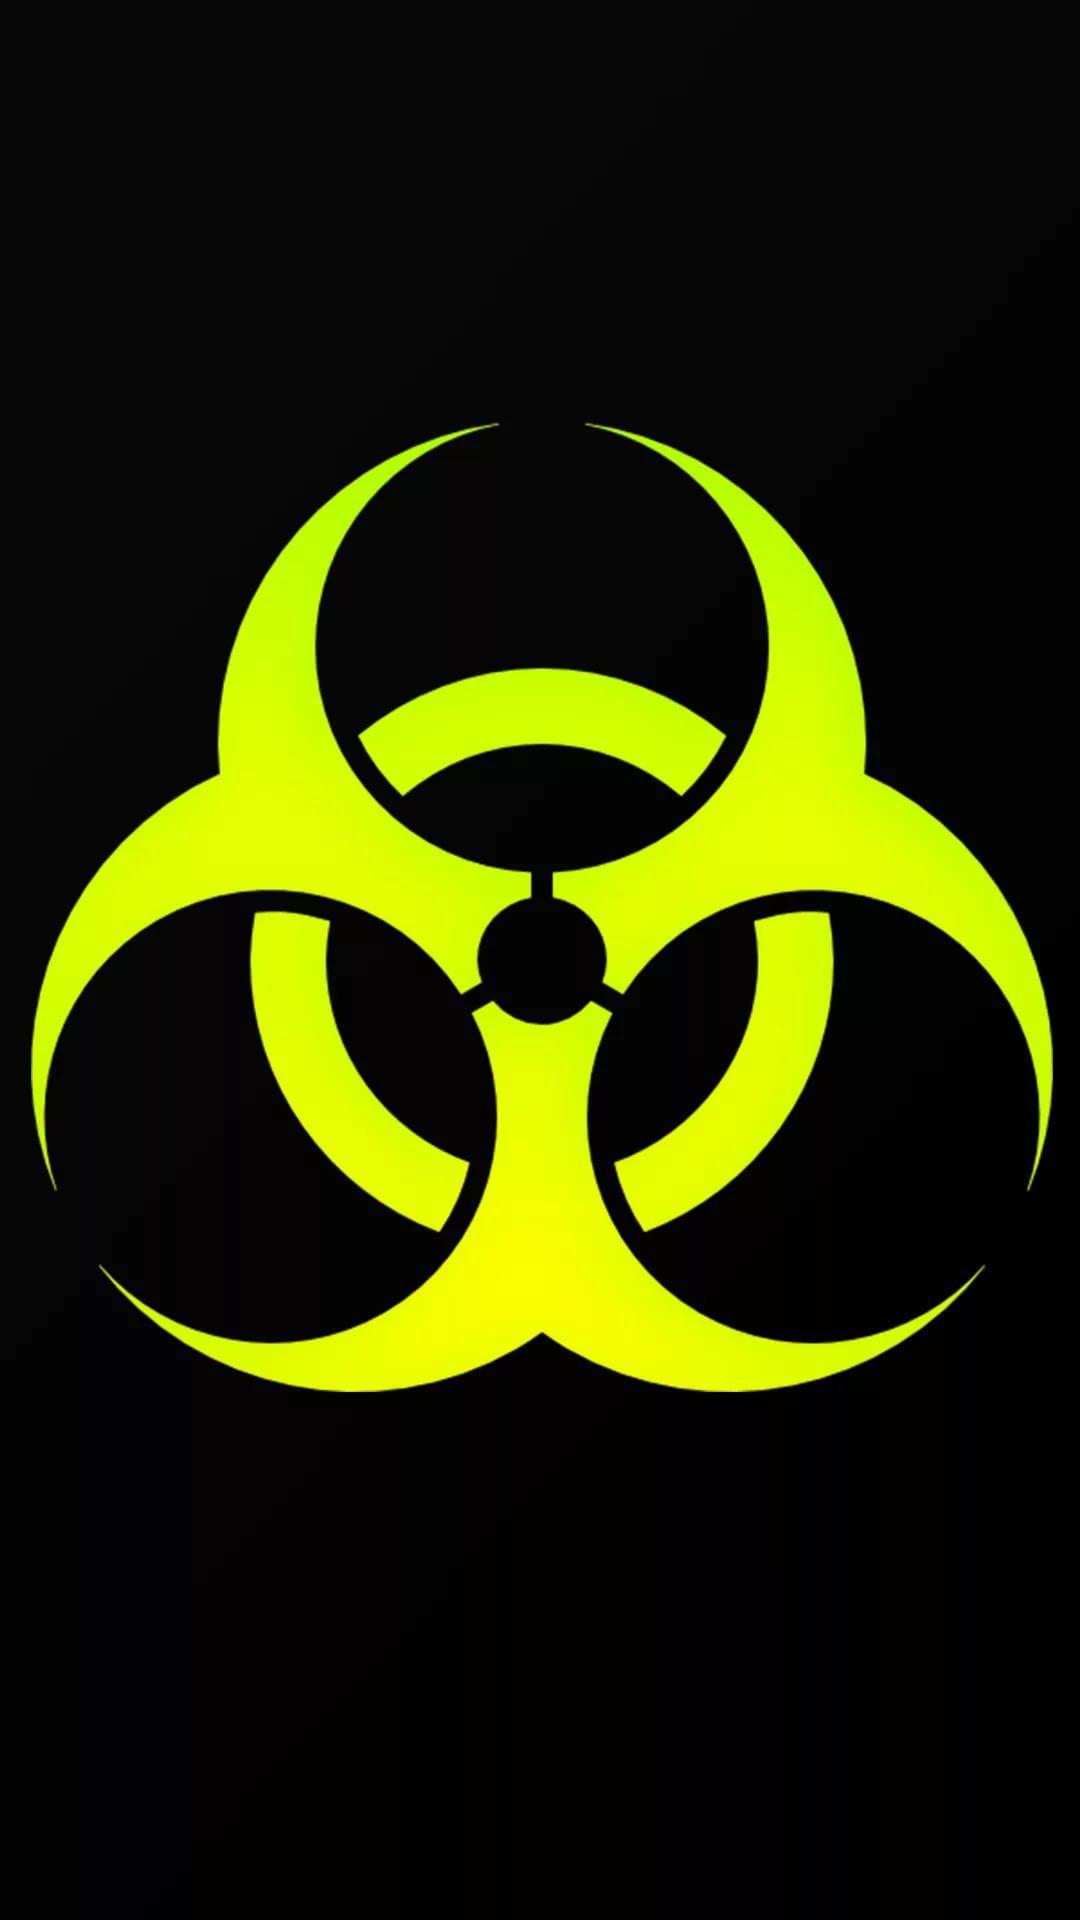 Biohazard iPhone 6 wallpaper